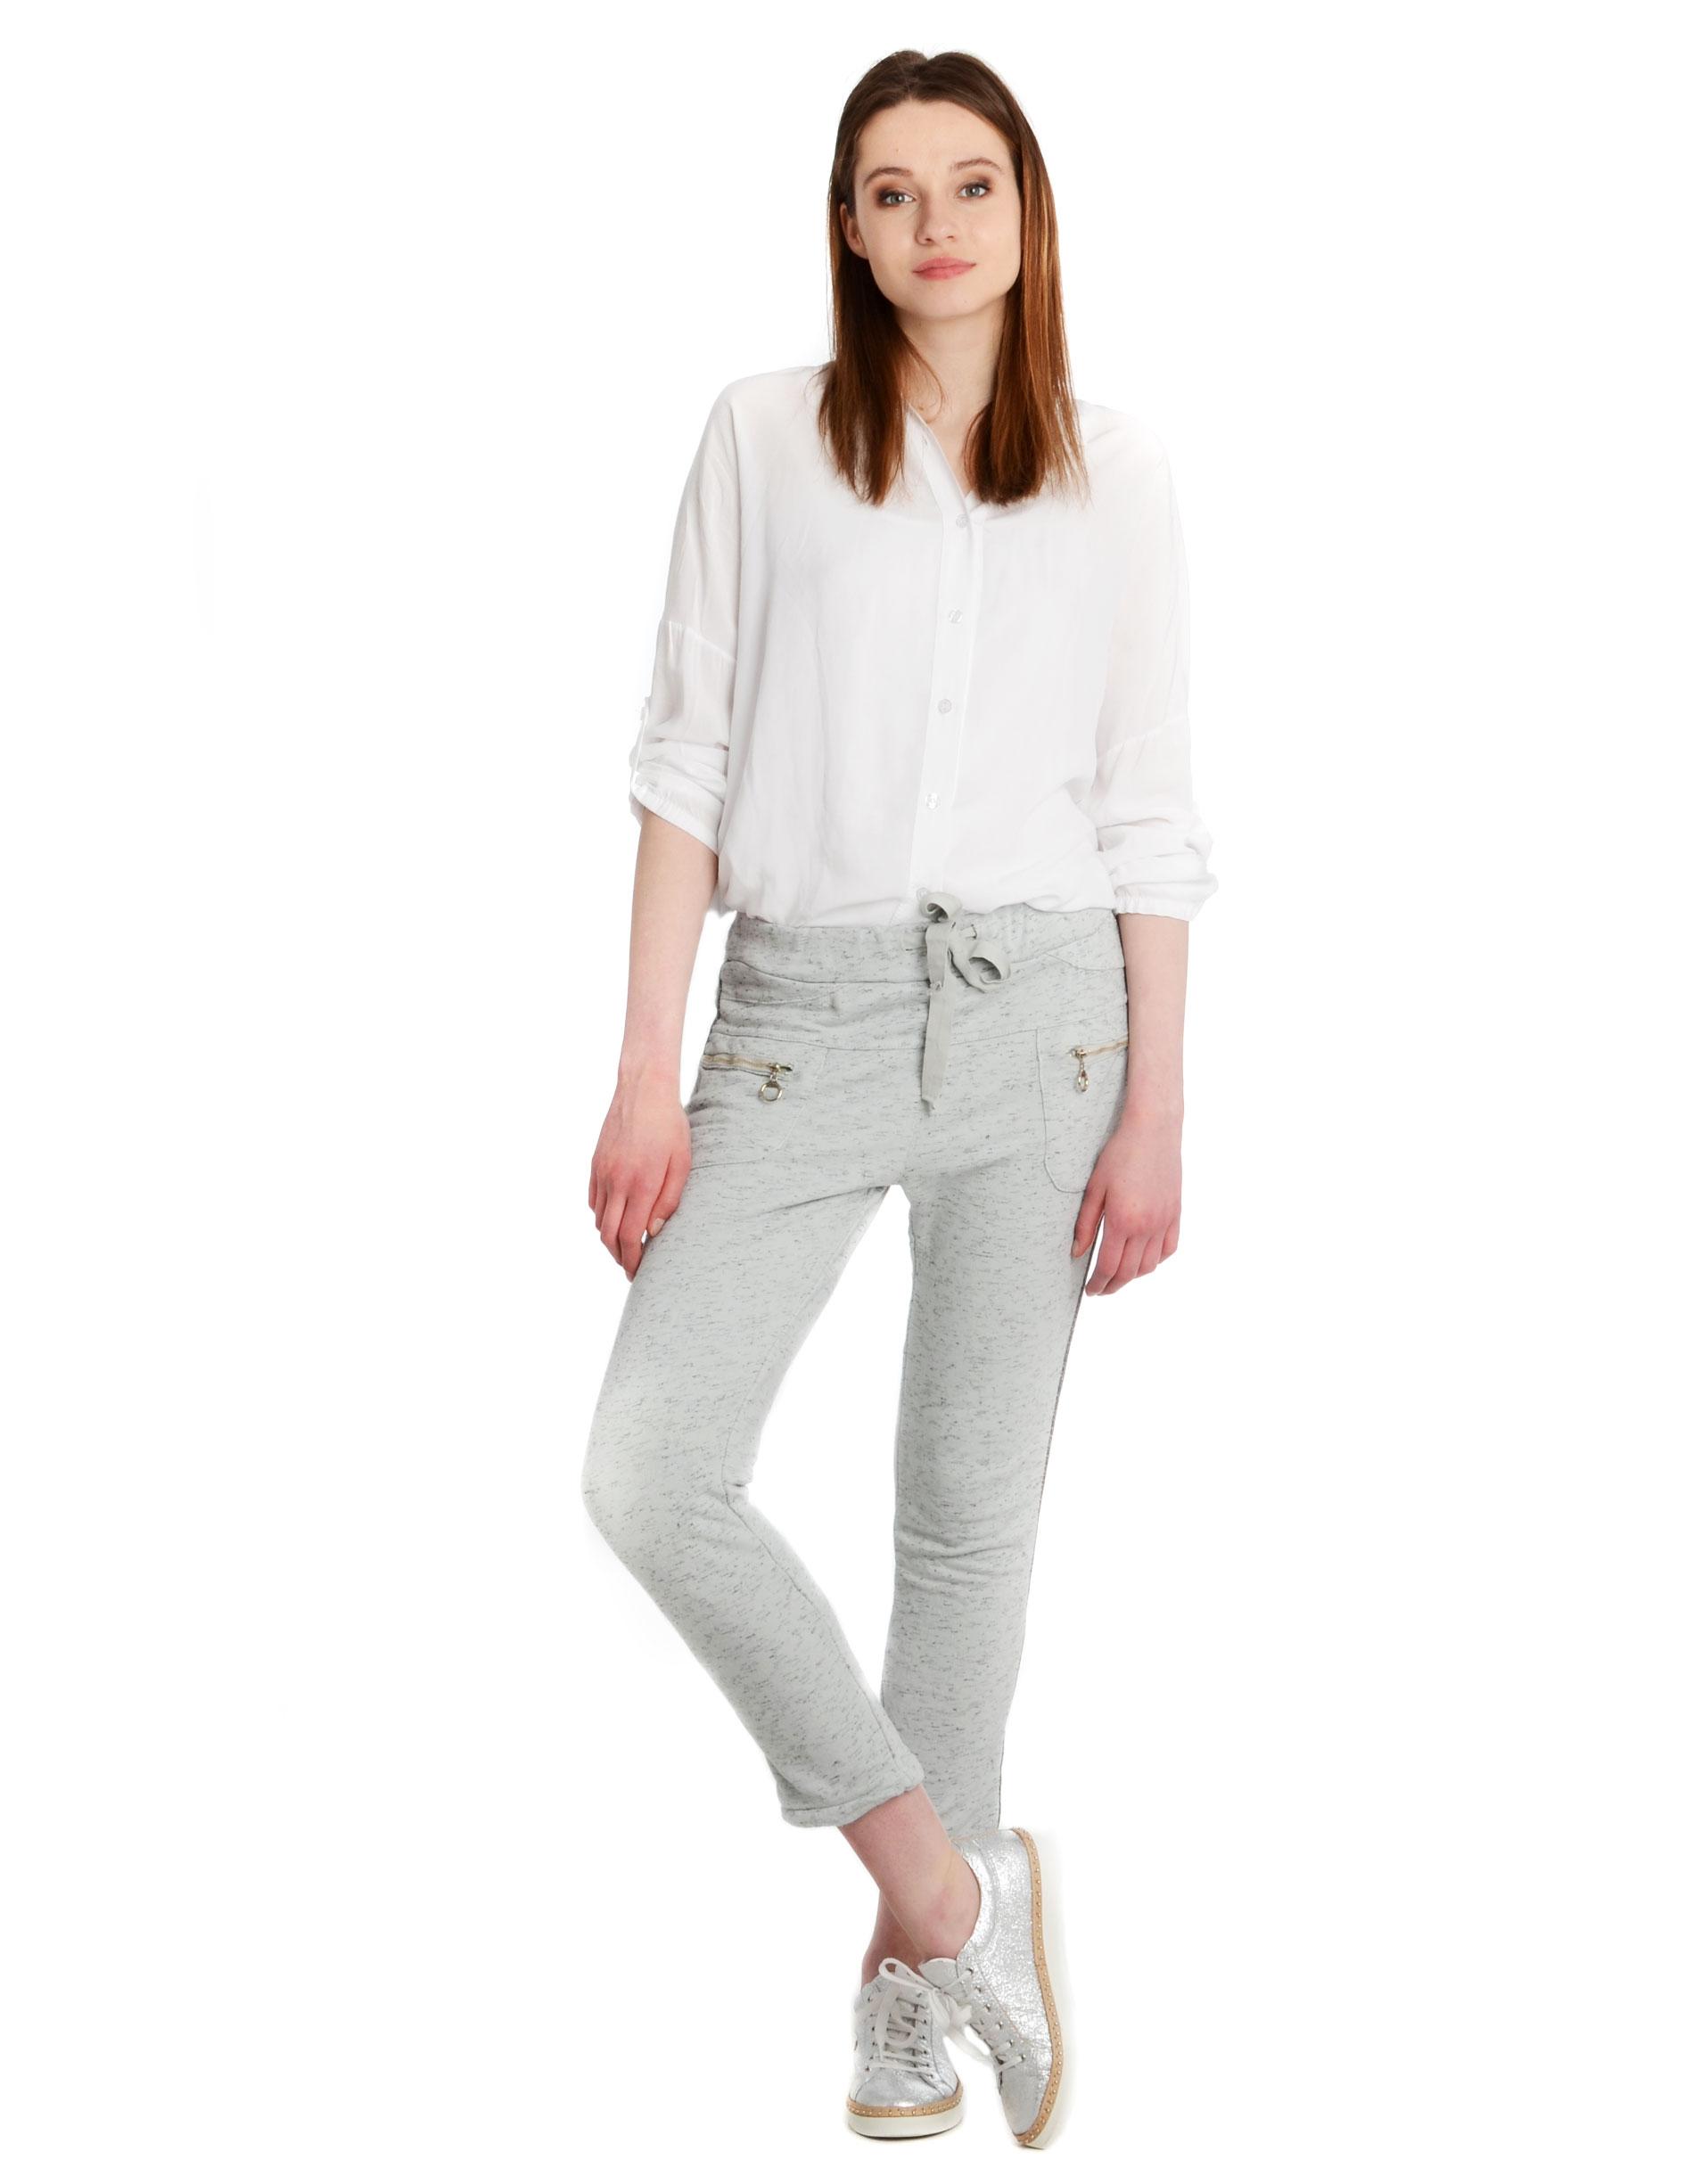 Spodnie - 137-3260 GRCH - Unisono